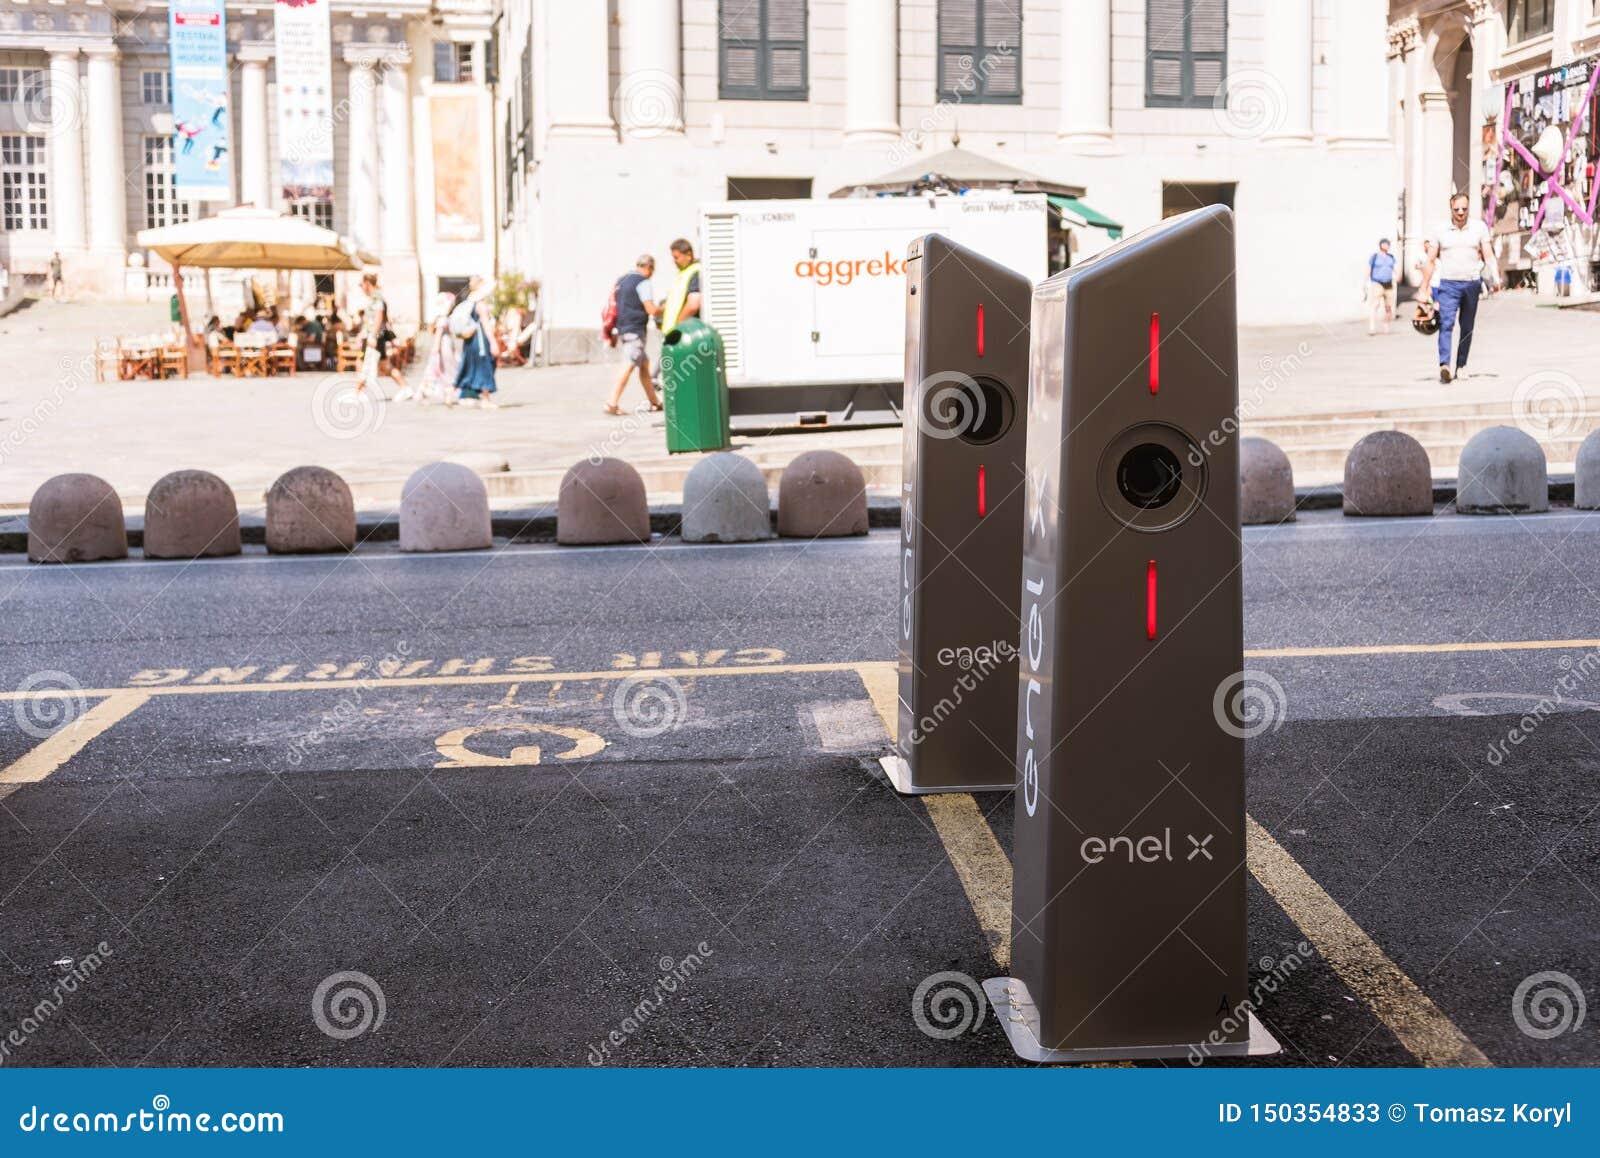 Estação de carregamento do carro elétrico pela Enel X Itália em Genoa, Europa